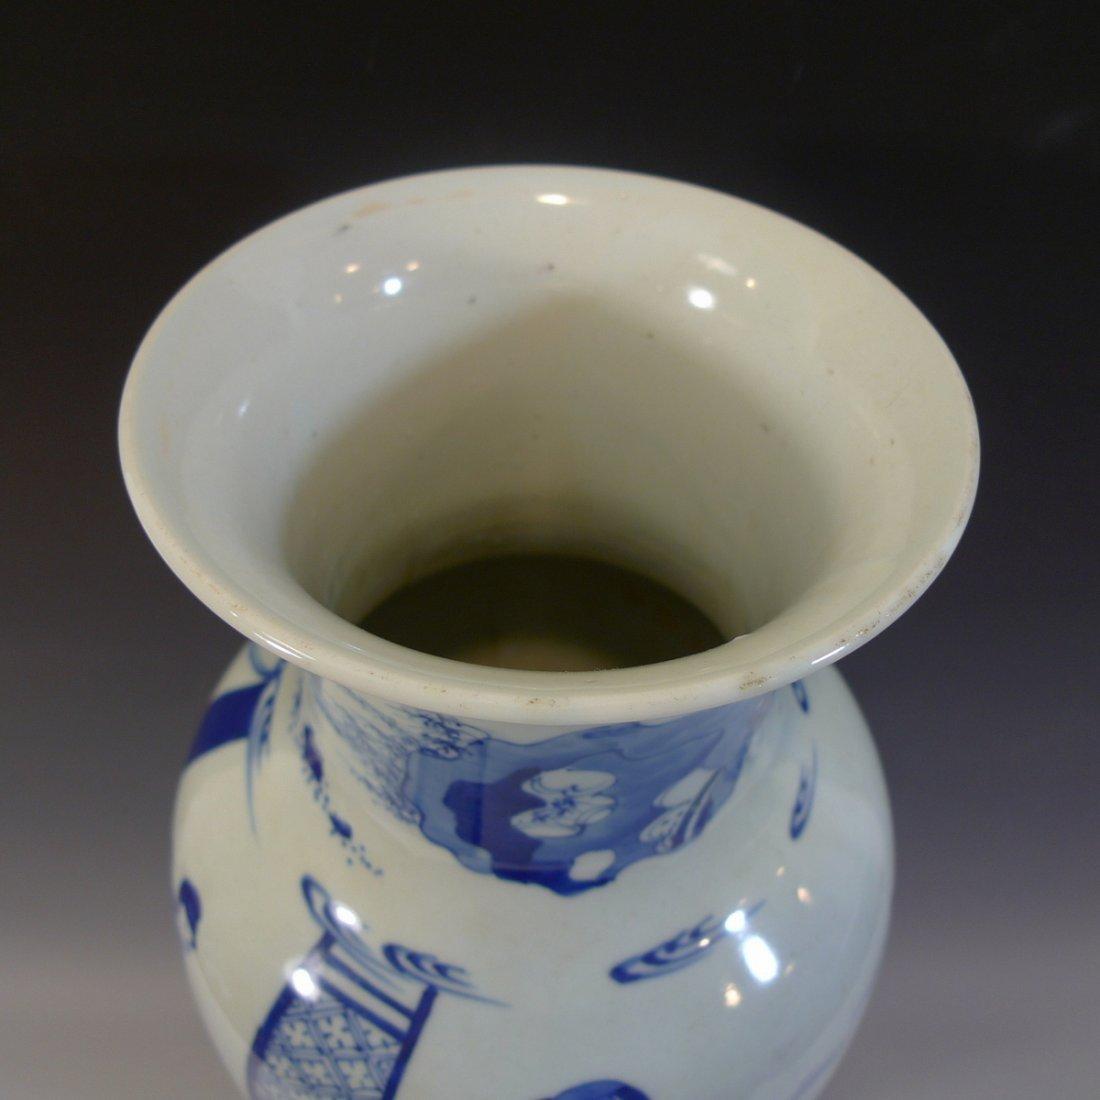 ANTIQUE CHINESE BLUE WHITE PORCELAIN VASE - KANGXI MARK - 5